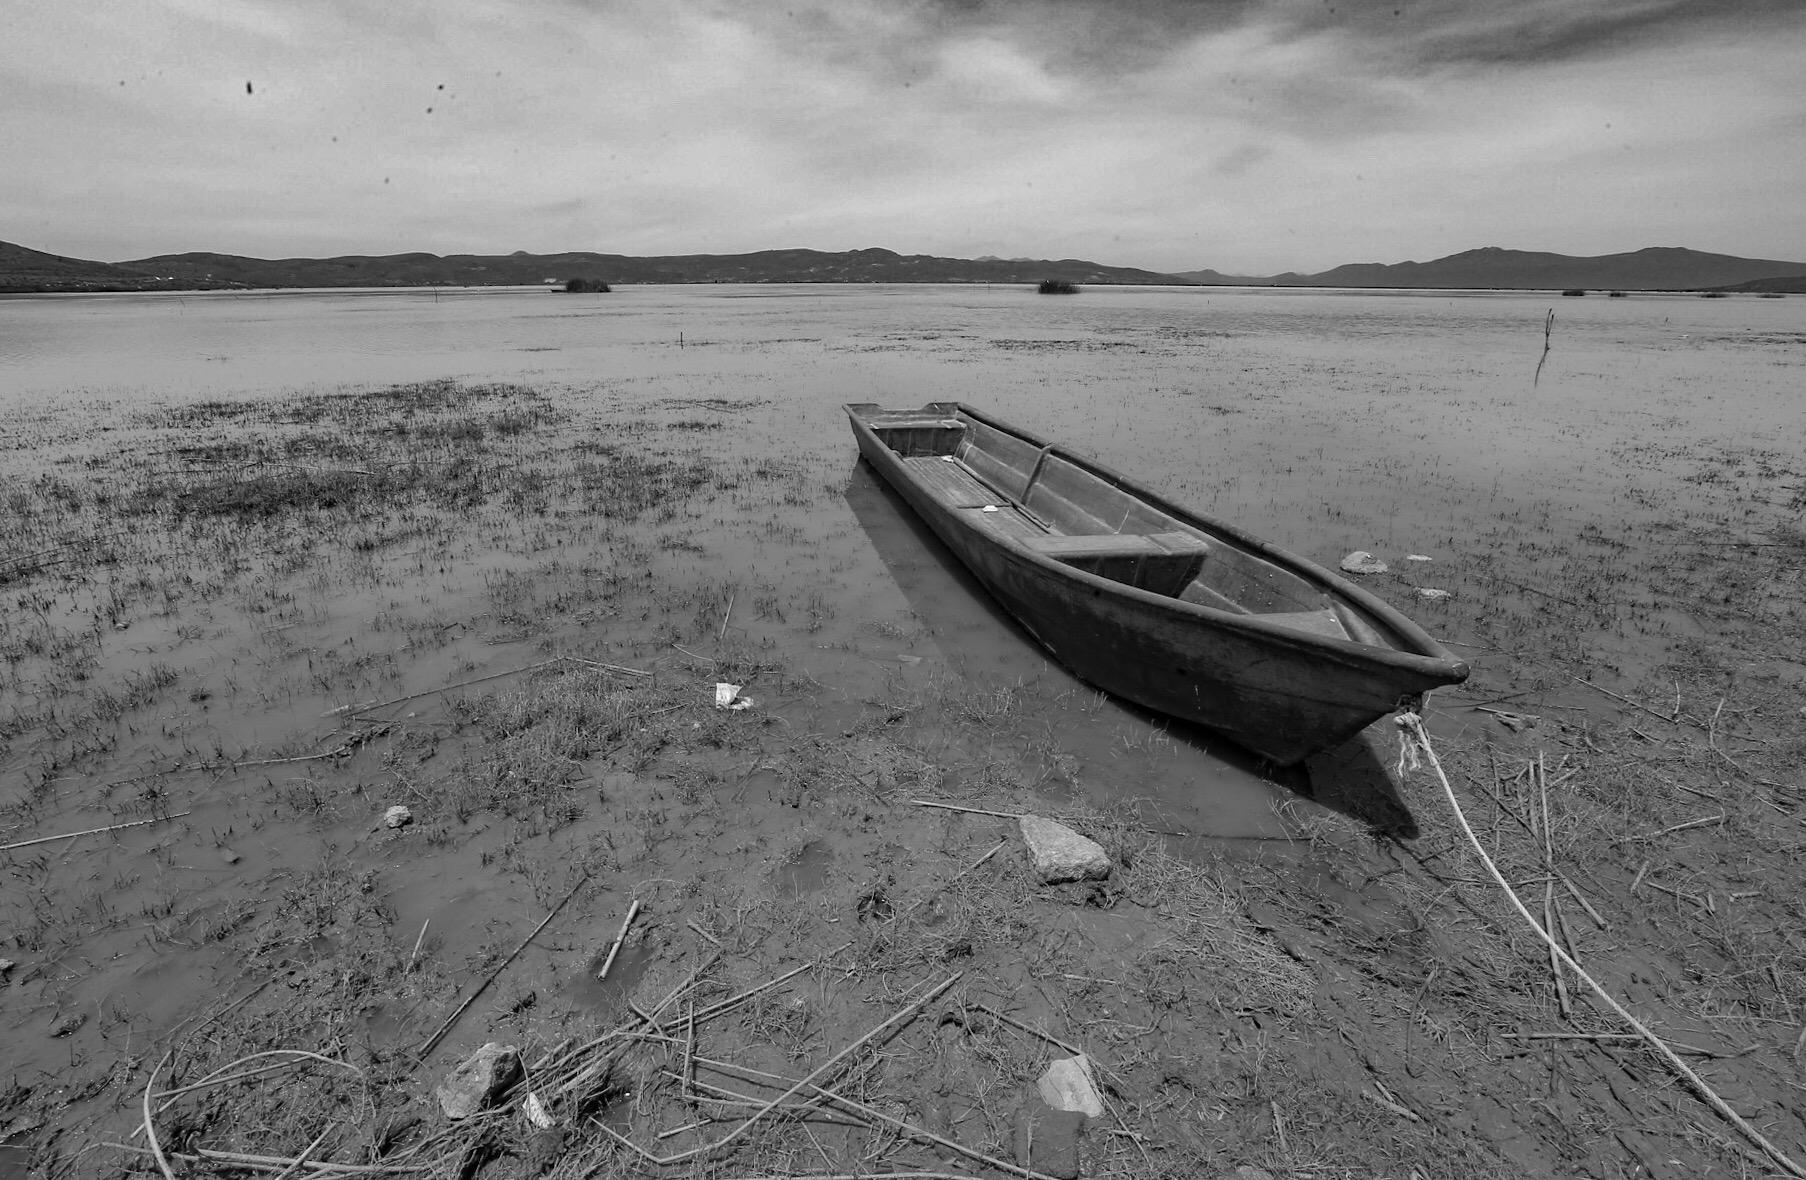 Lago de Cuitzeo bajo amenaza, una vez más